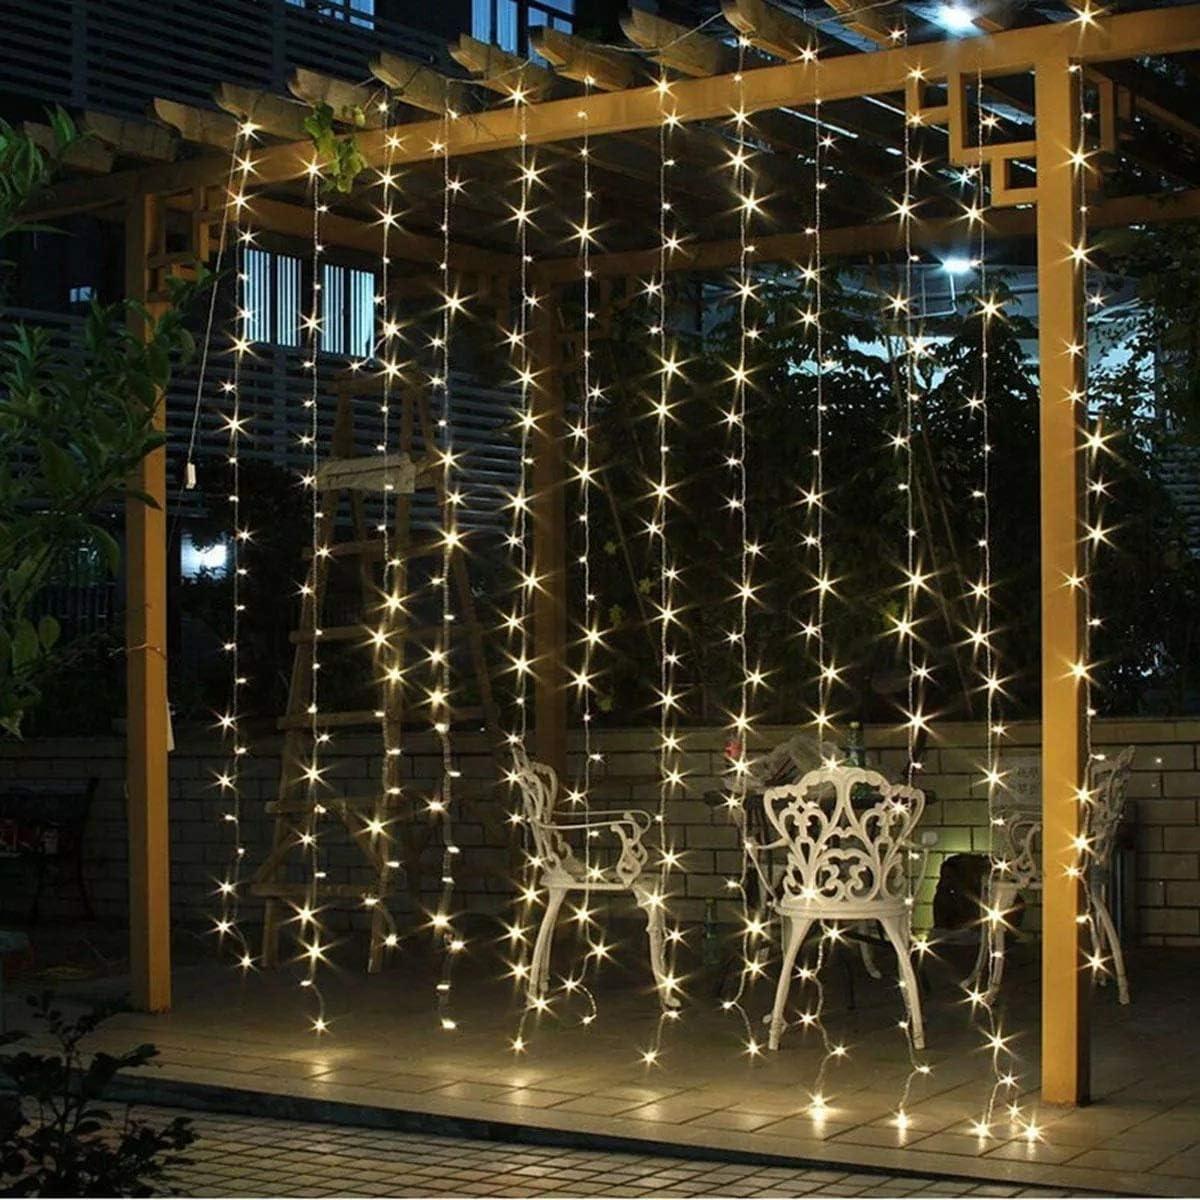 PEJGD 3M 3M USB * 8 modos de batería Operado boda Cortina LED cadena fiesta de cumpleaños de Navidad luz decoración Perfecto para (Color : Blanco cálido): Amazon.es: Iluminación